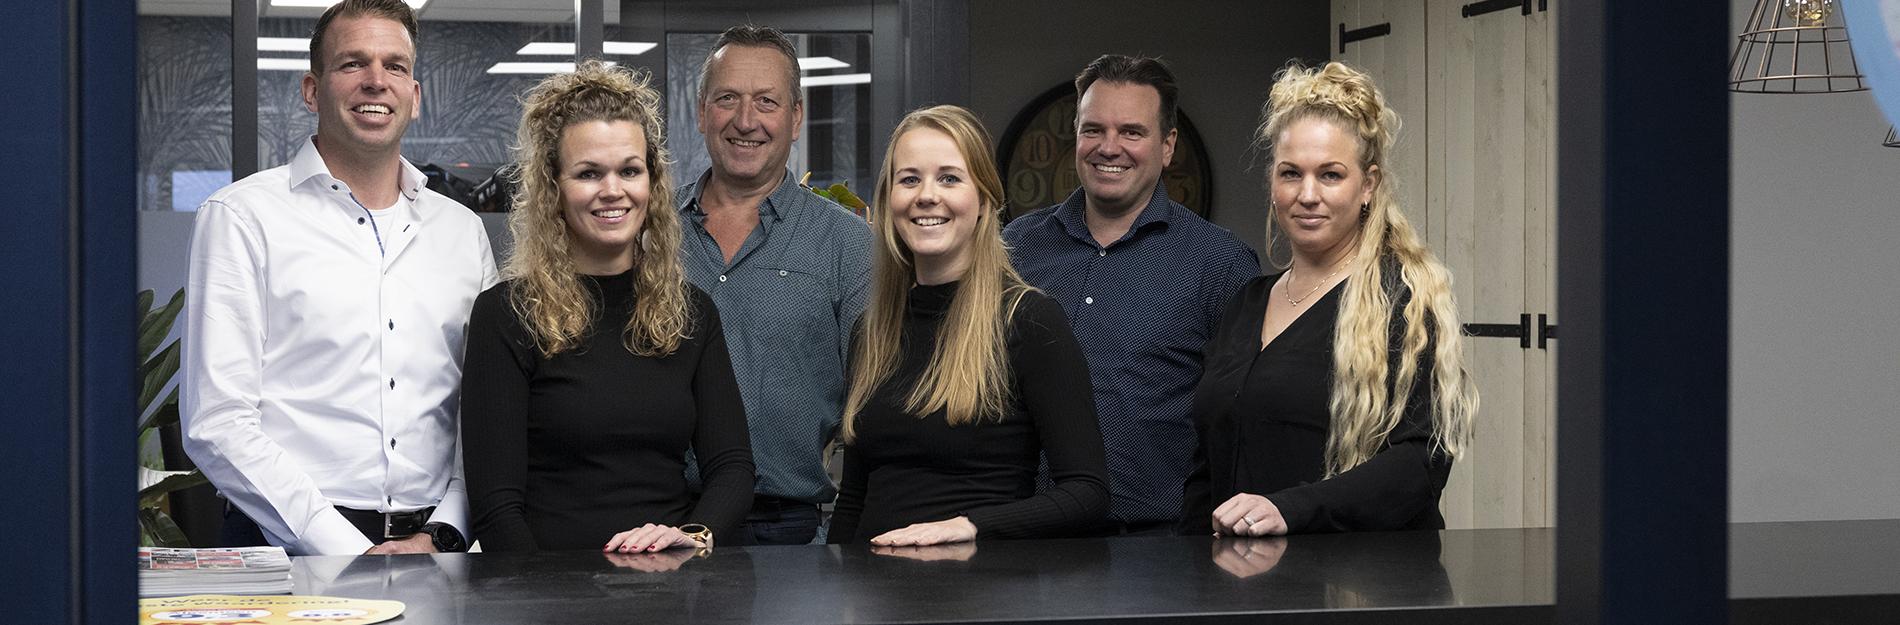 team L van Brederode in het kantoor Tuitjenhorn